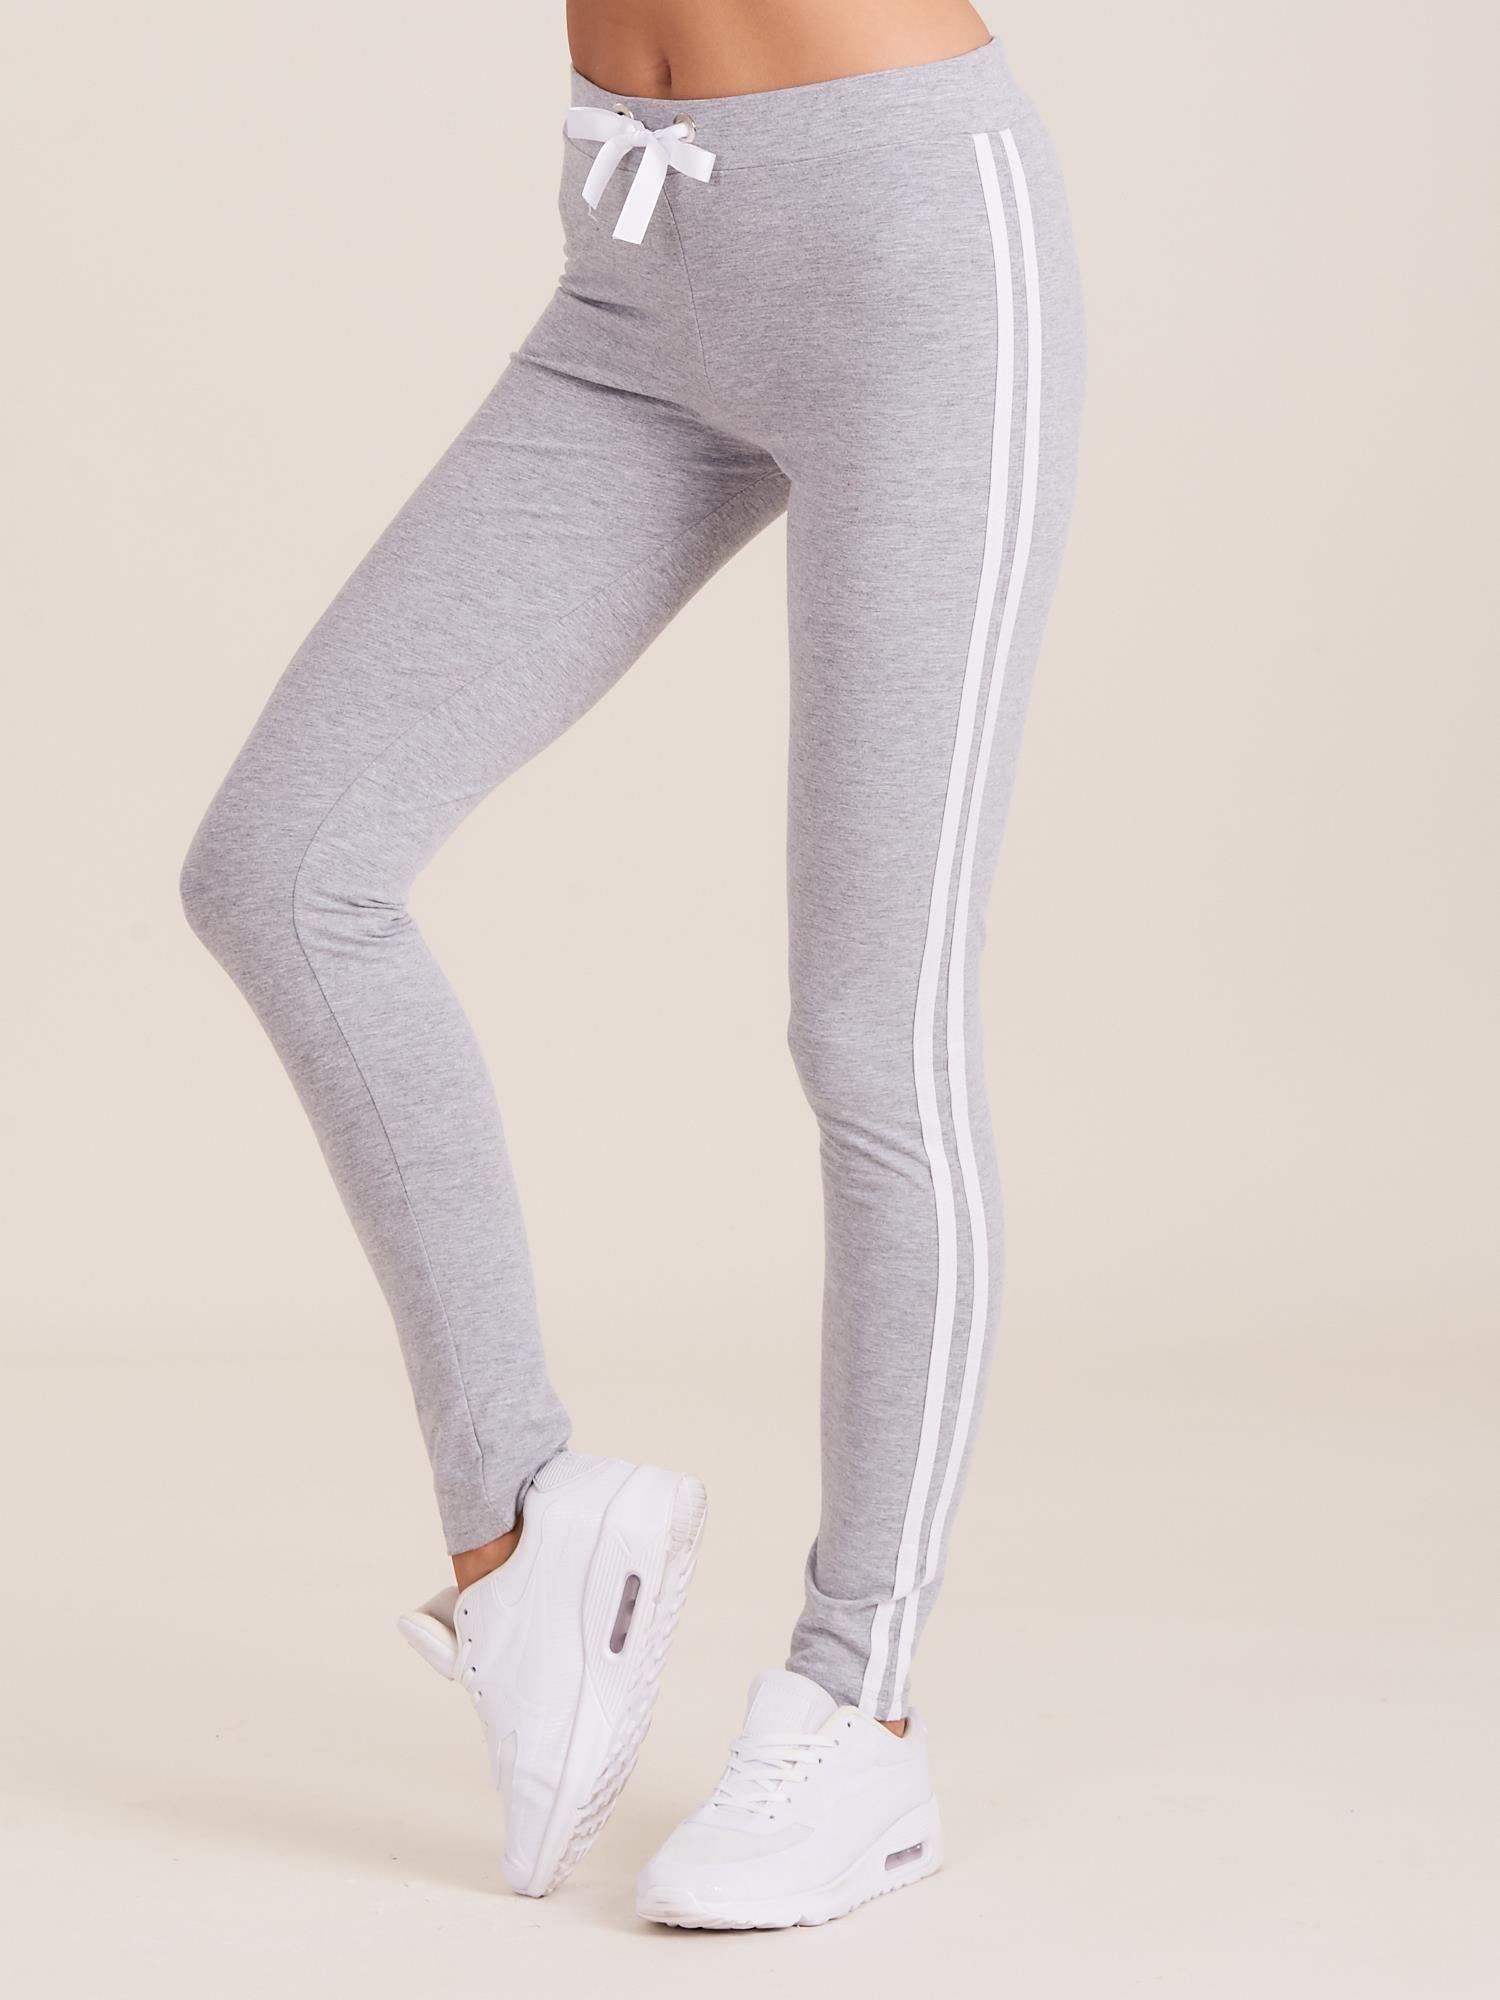 8358ddfc3a27fd Szare spodnie dresowe damskie z lampasami - Spodnie Dresowe - sklep ...